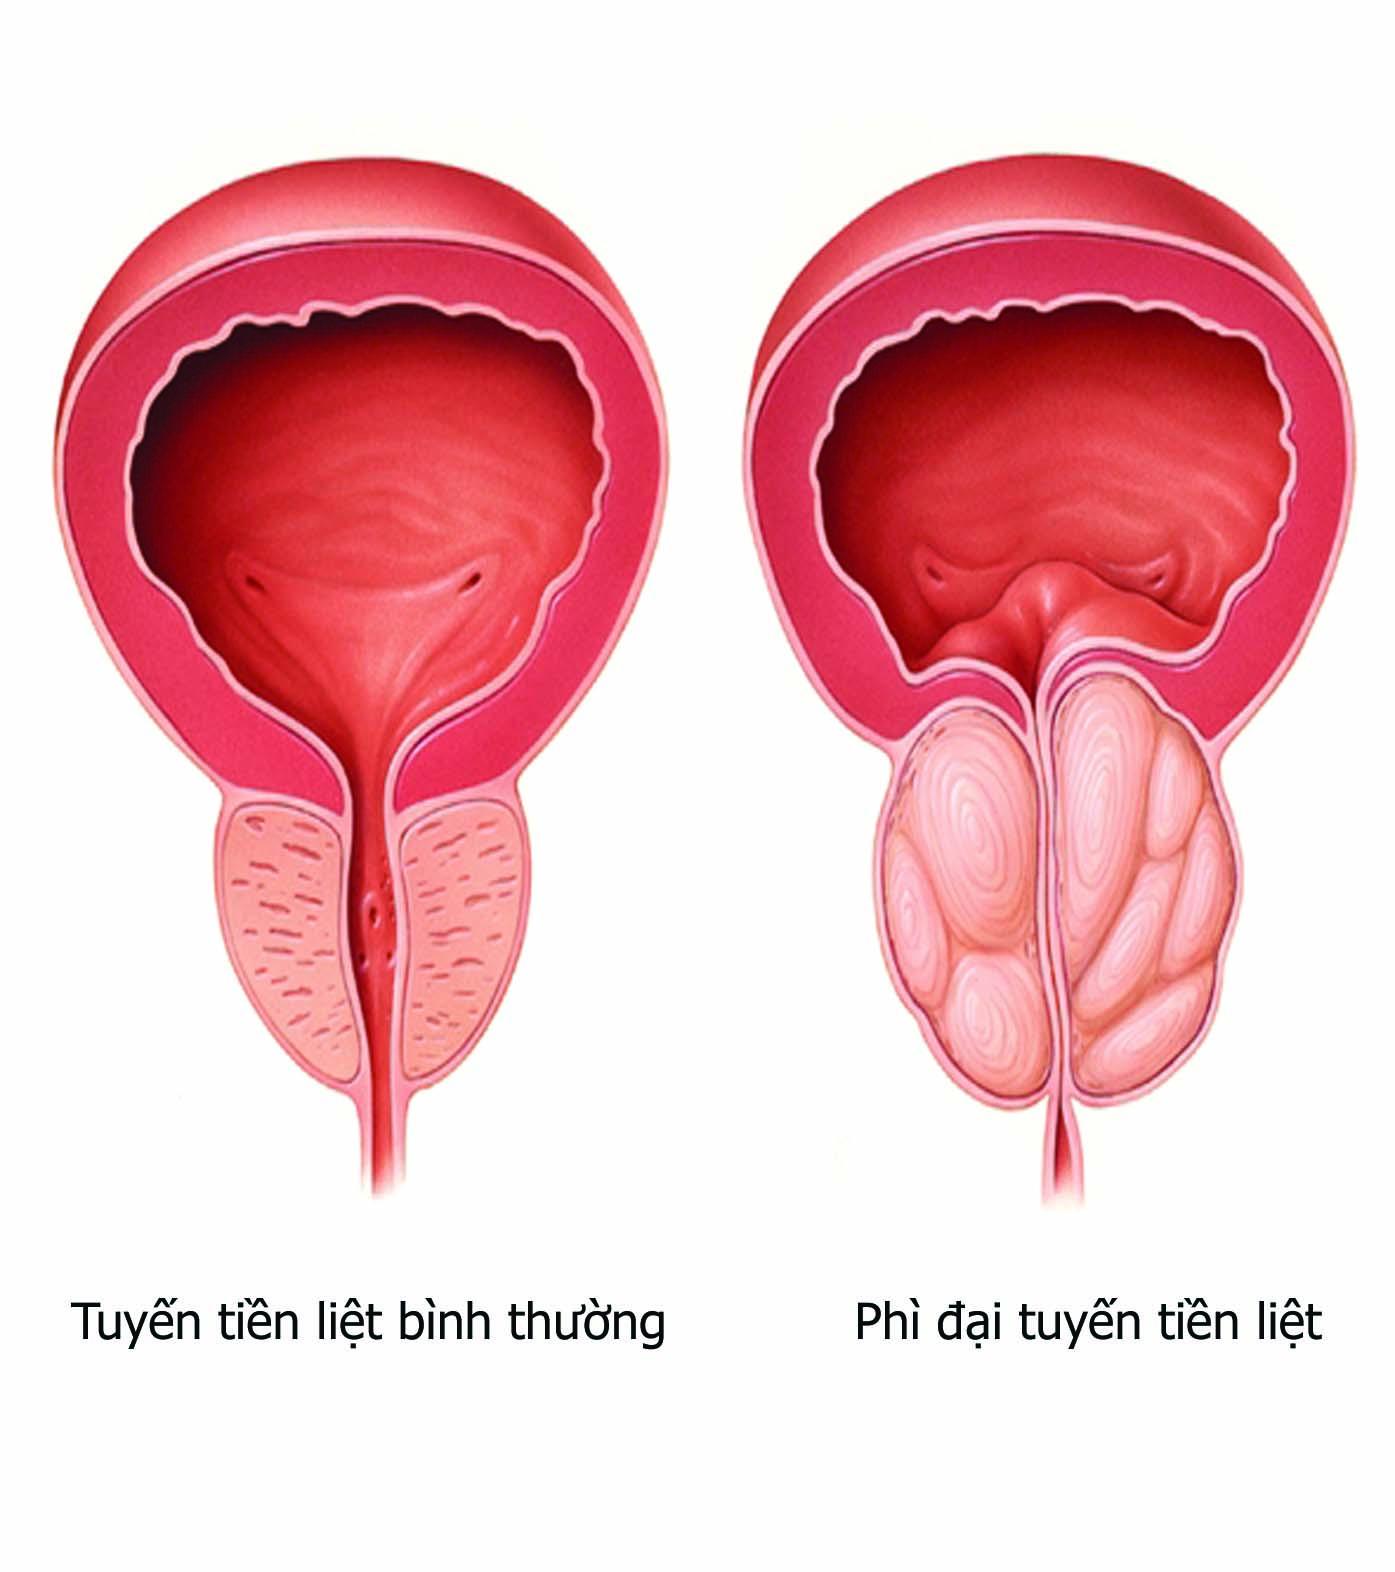 Điều trị phì đại tuyến tiền liệt ở nam giới 1